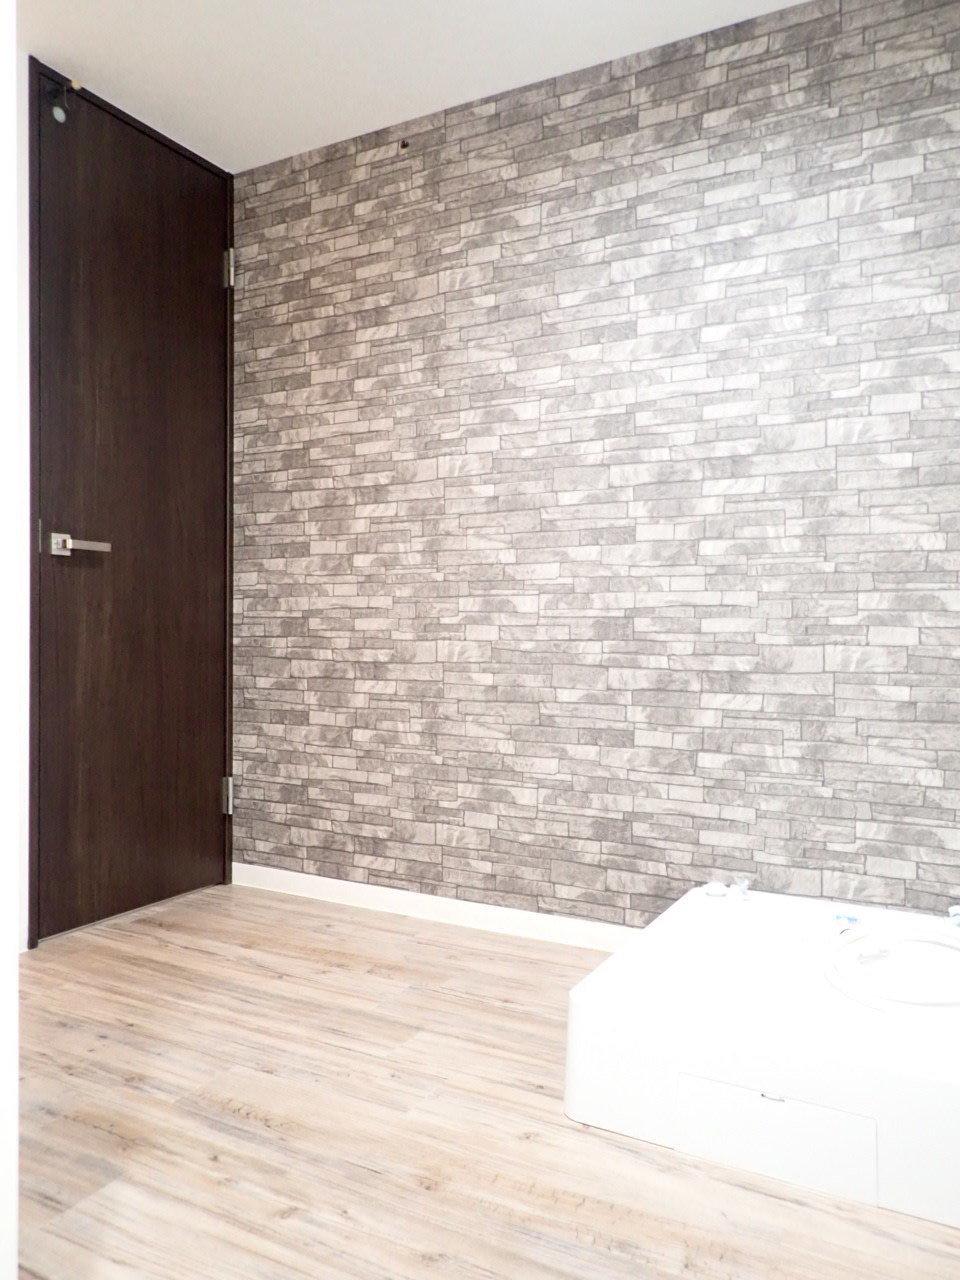 バスルーム・洗濯機置き場・トイレなどの水回りはひとまとまりになっています。ここの壁もお洒落なクロスが貼られていて、おしゃれな雰囲気がありますね。